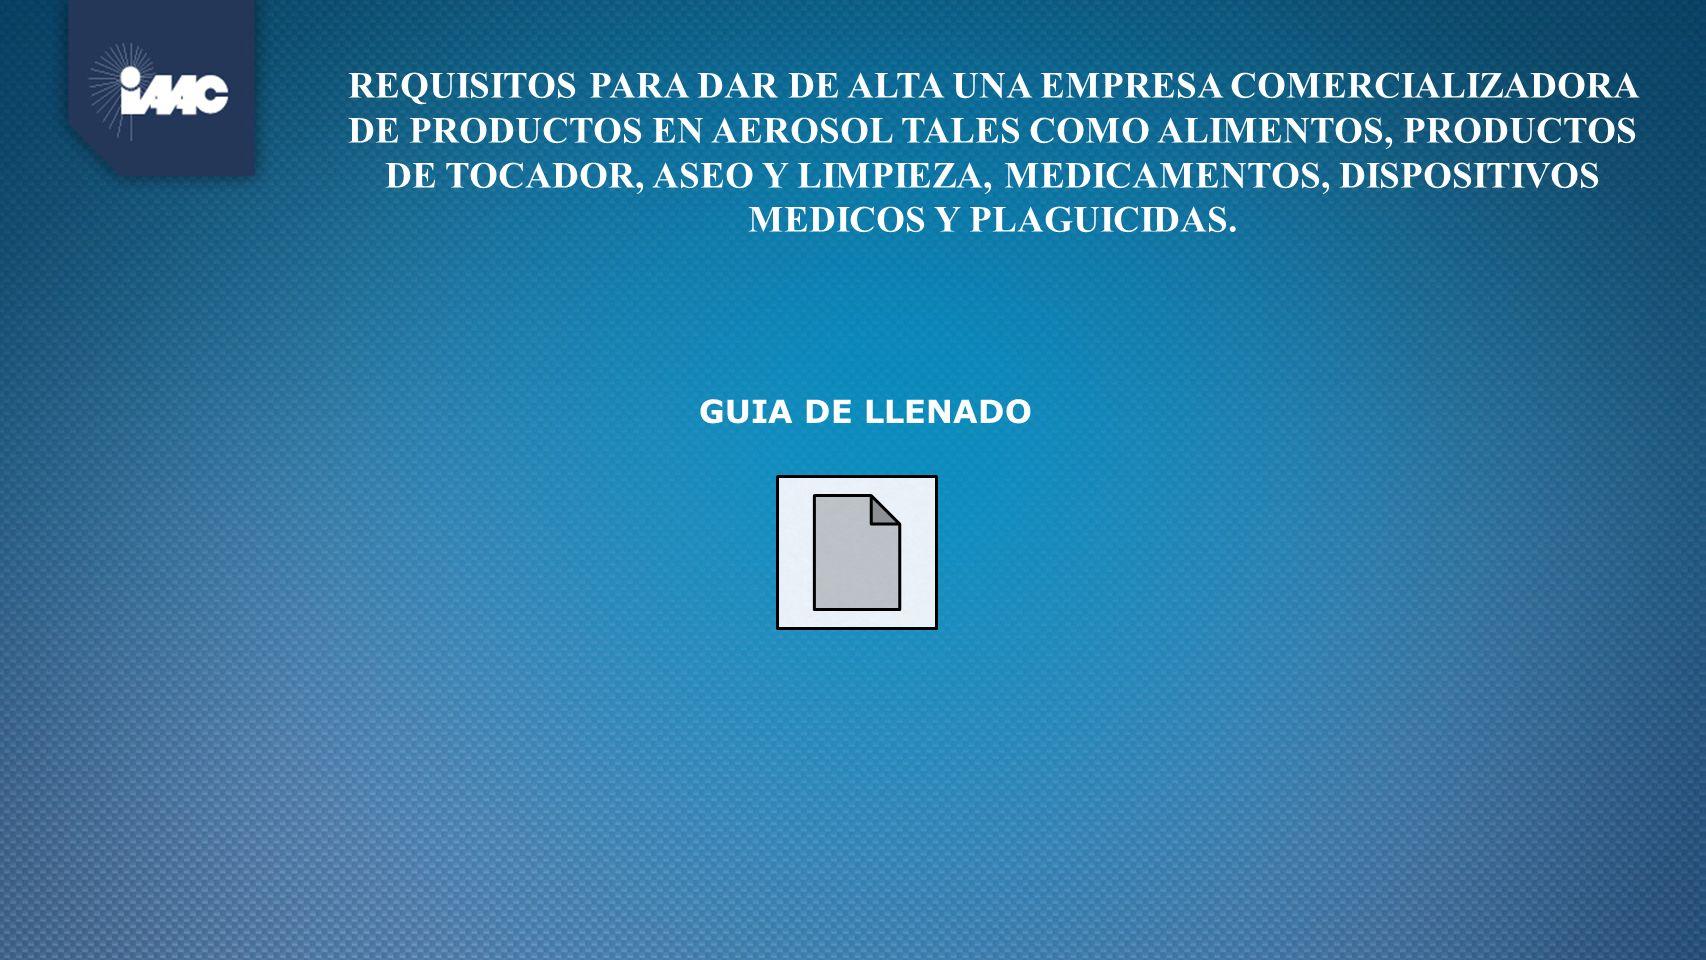 GUIA DE LLENADO REQUISITOS PARA DAR DE ALTA UNA EMPRESA COMERCIALIZADORA DE PRODUCTOS EN AEROSOL TALES COMO ALIMENTOS, PRODUCTOS DE TOCADOR, ASEO Y LI